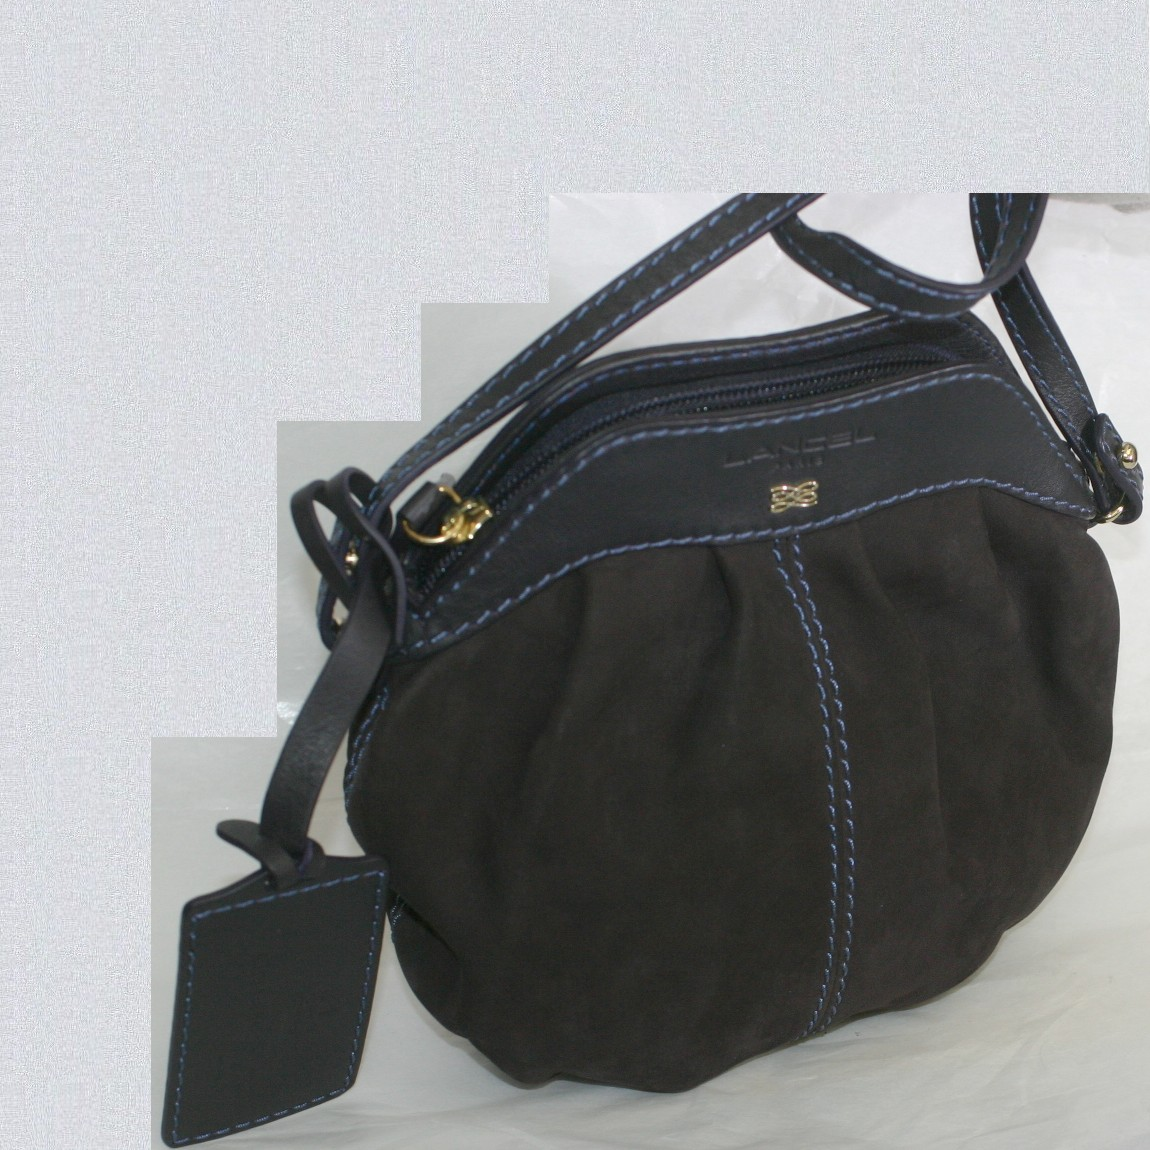 【中古】本物抜群に綺麗ランセル女性用焦げ茶色バックスキンに黒い革を使用しているショルダーバッグ サイズW20,5H19,5D3cm